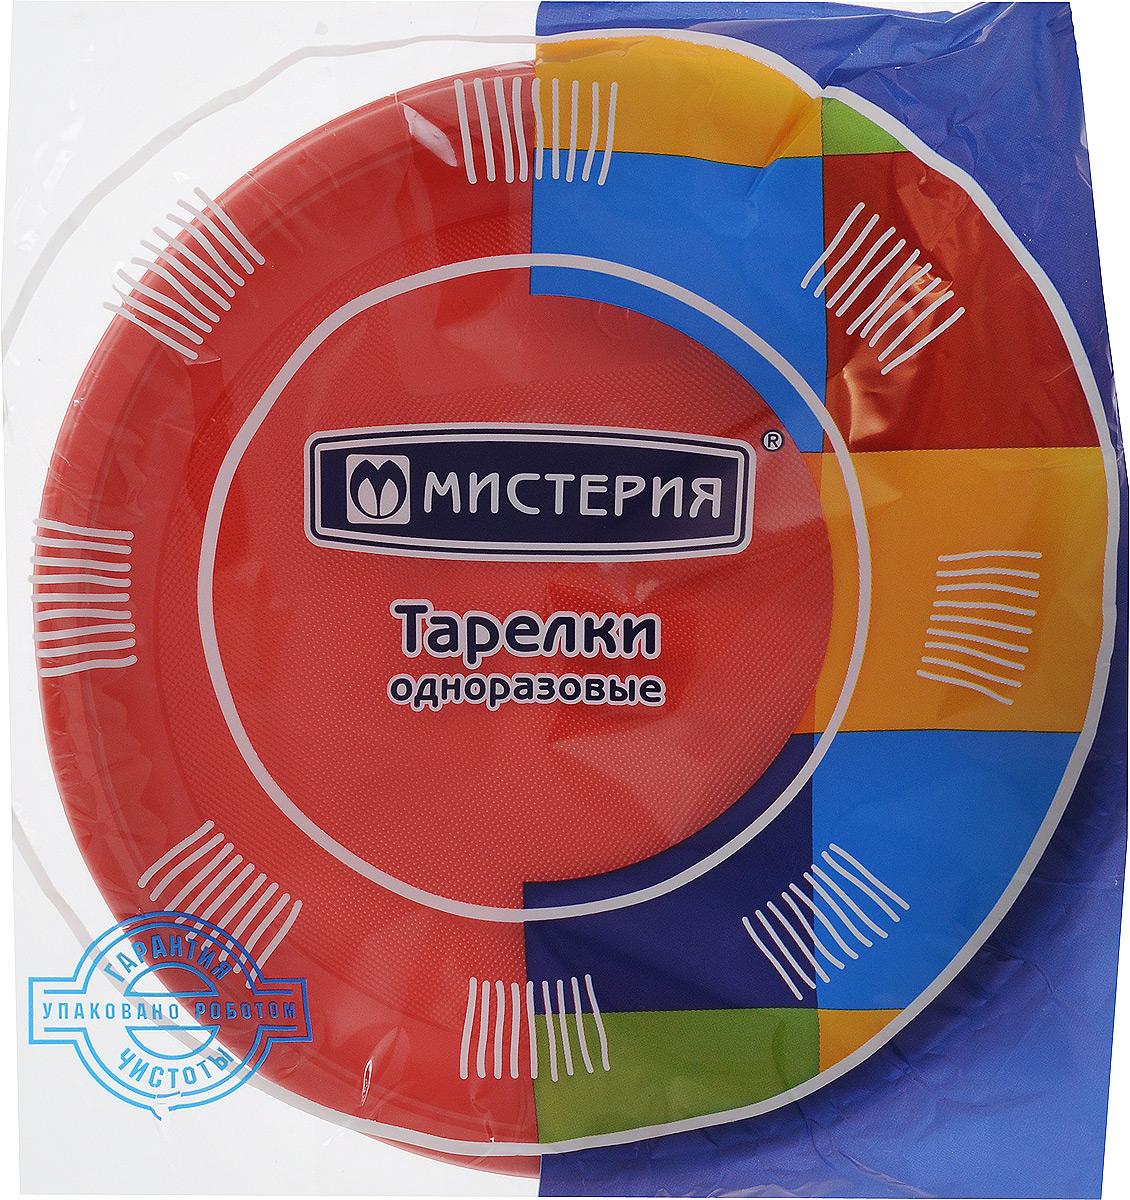 Набор одноразовых тарелок Мистерия, цвет: красный, диаметр 21 см, 12 шт